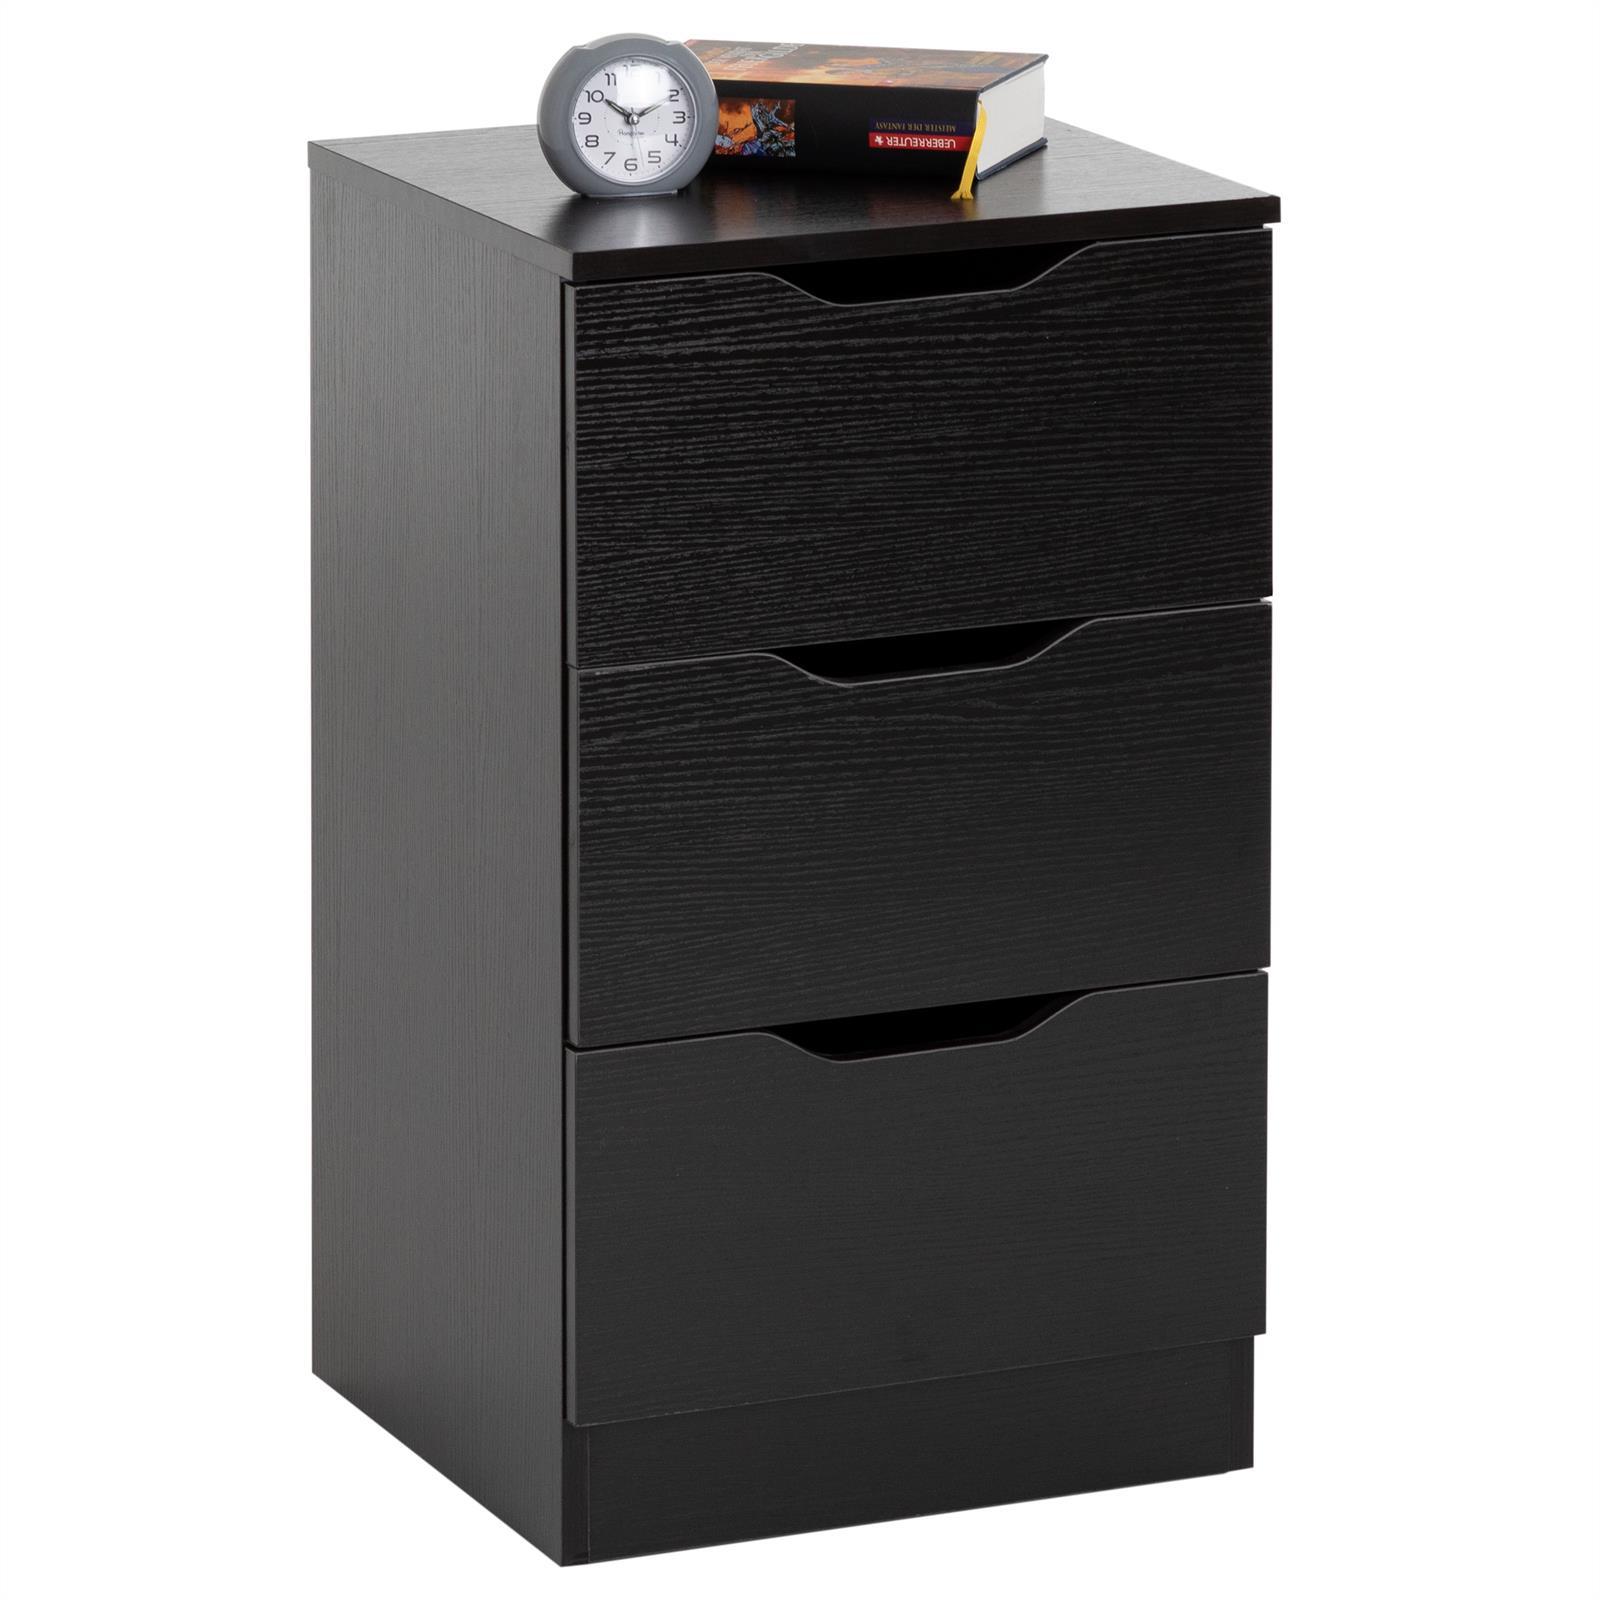 nachttisch nachtkommode nachtschrank f r boxspringbett. Black Bedroom Furniture Sets. Home Design Ideas